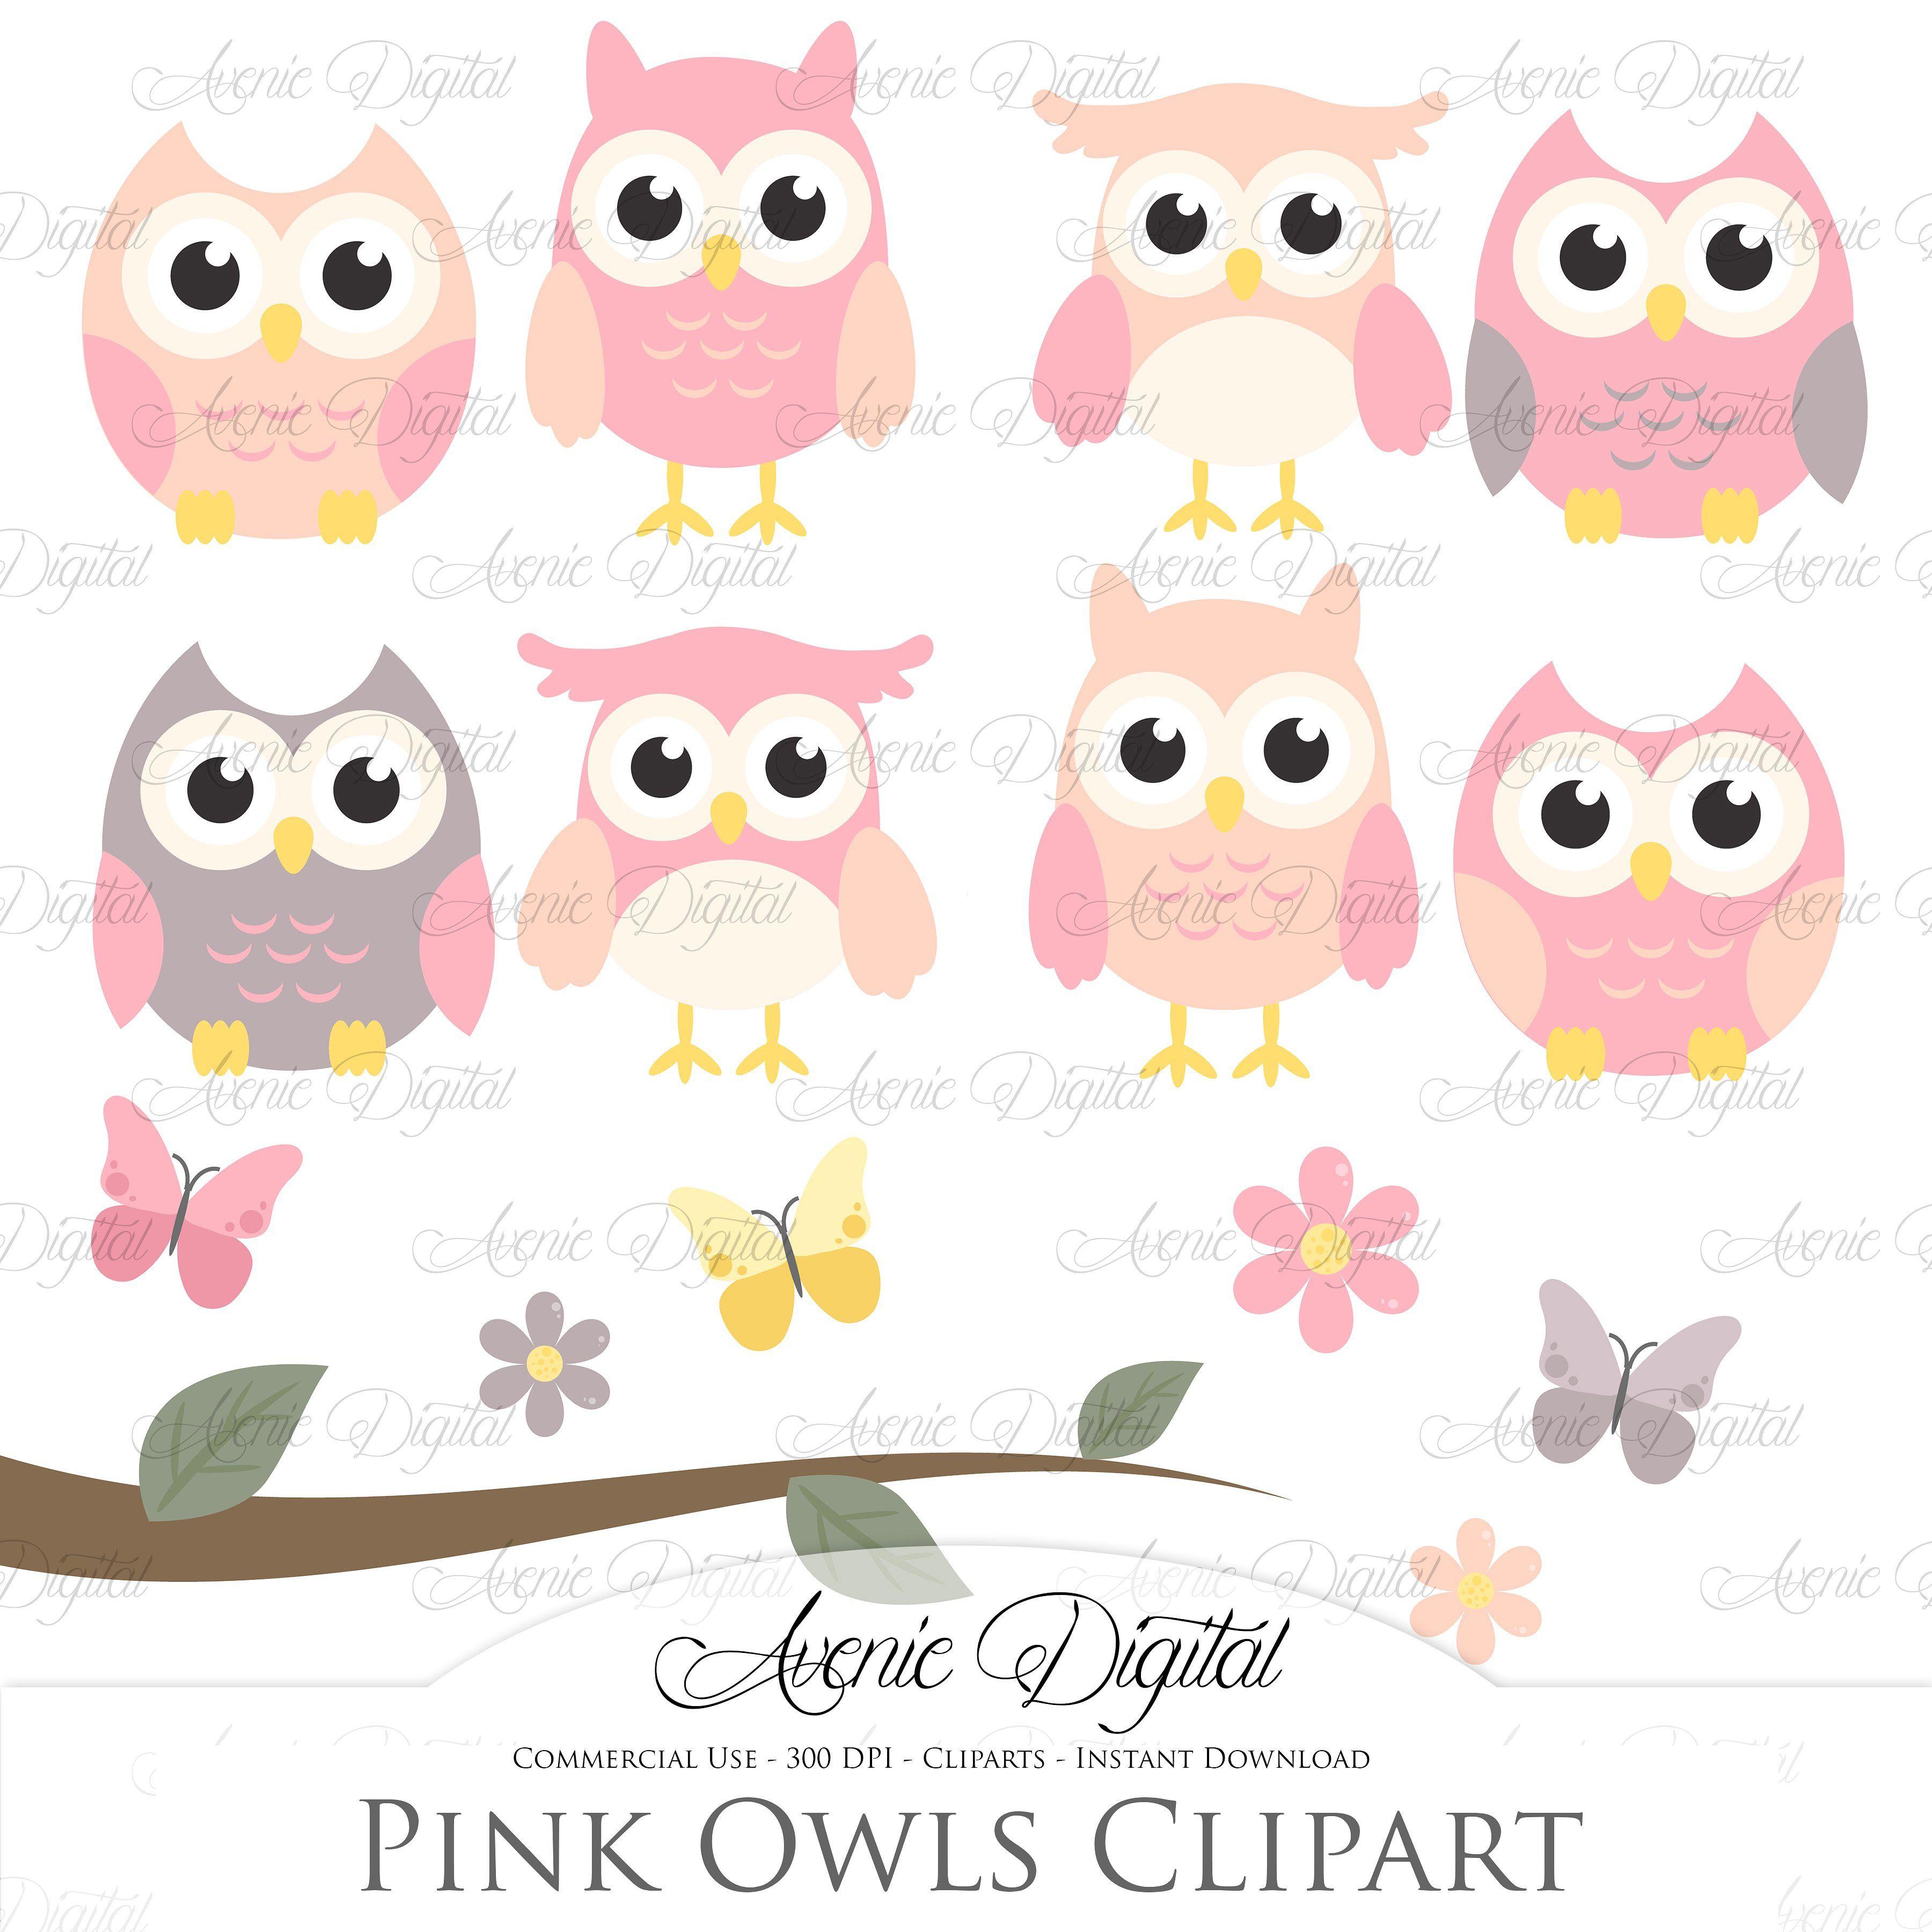 Pink and Grey Owl Cliparts - Vectors | Owl clip art, Pink ...